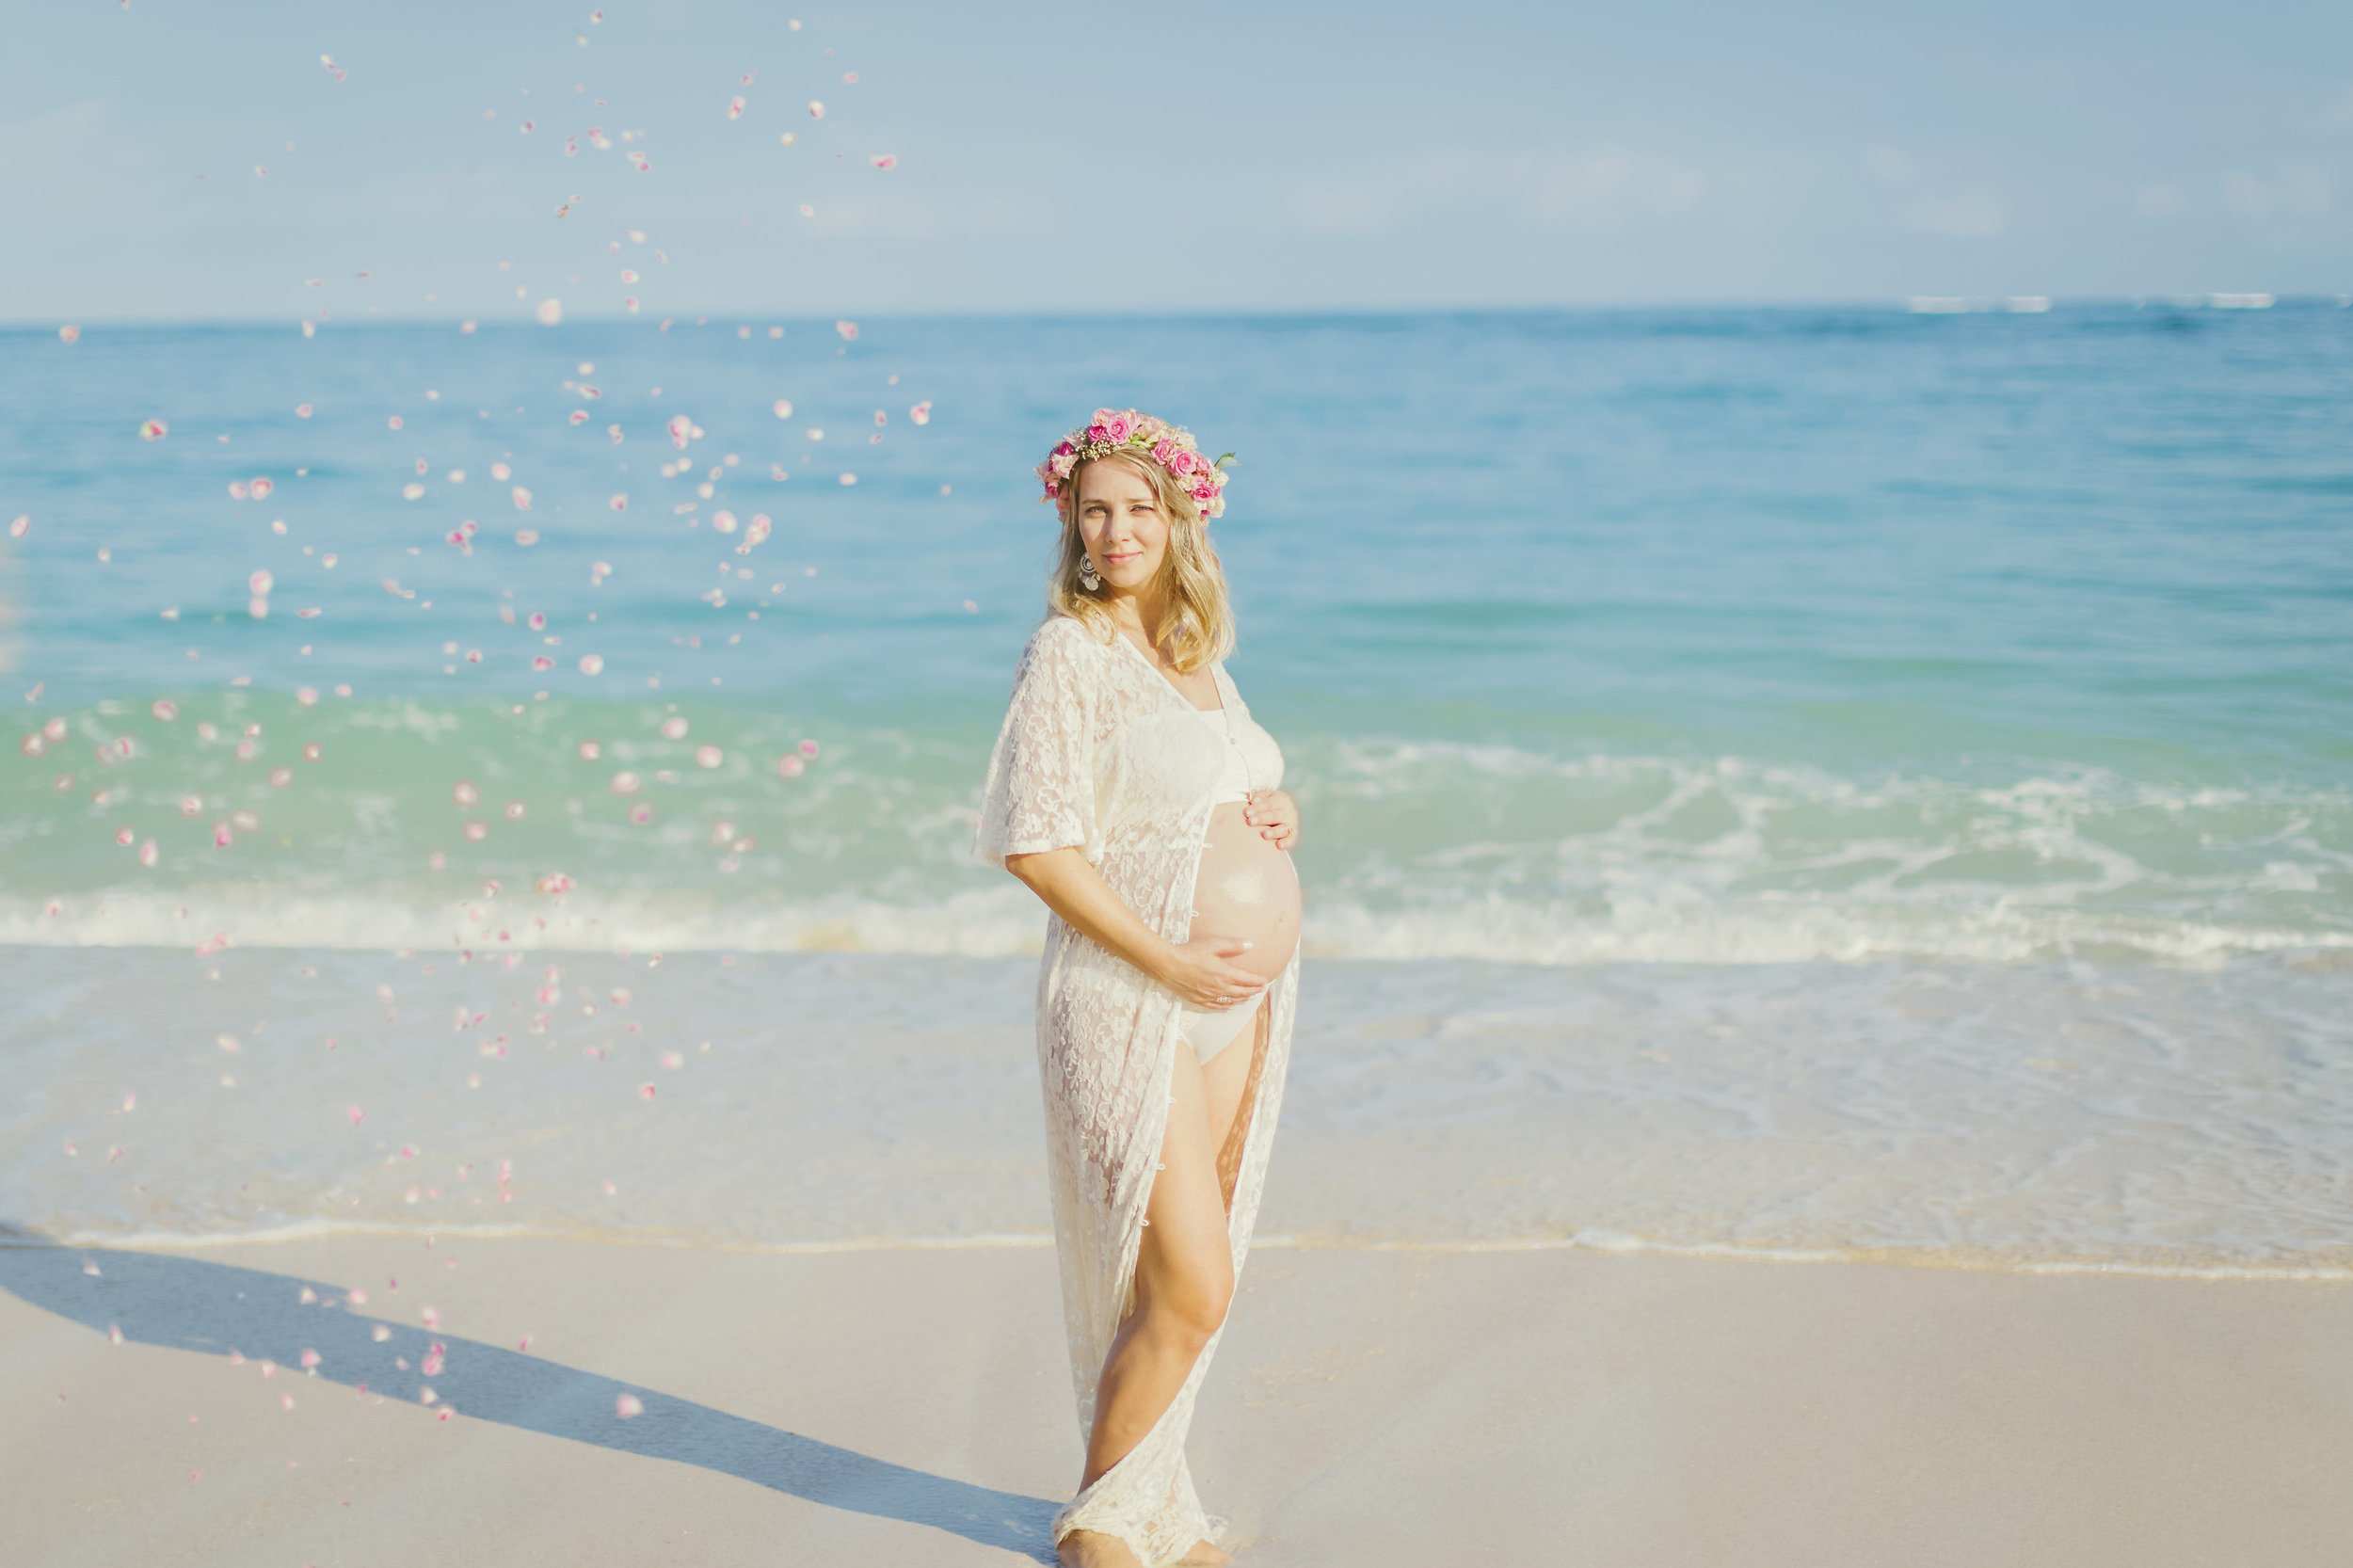 angie-diaz-photography-maui-family-maternity-kanaha-beach-13.jpeg